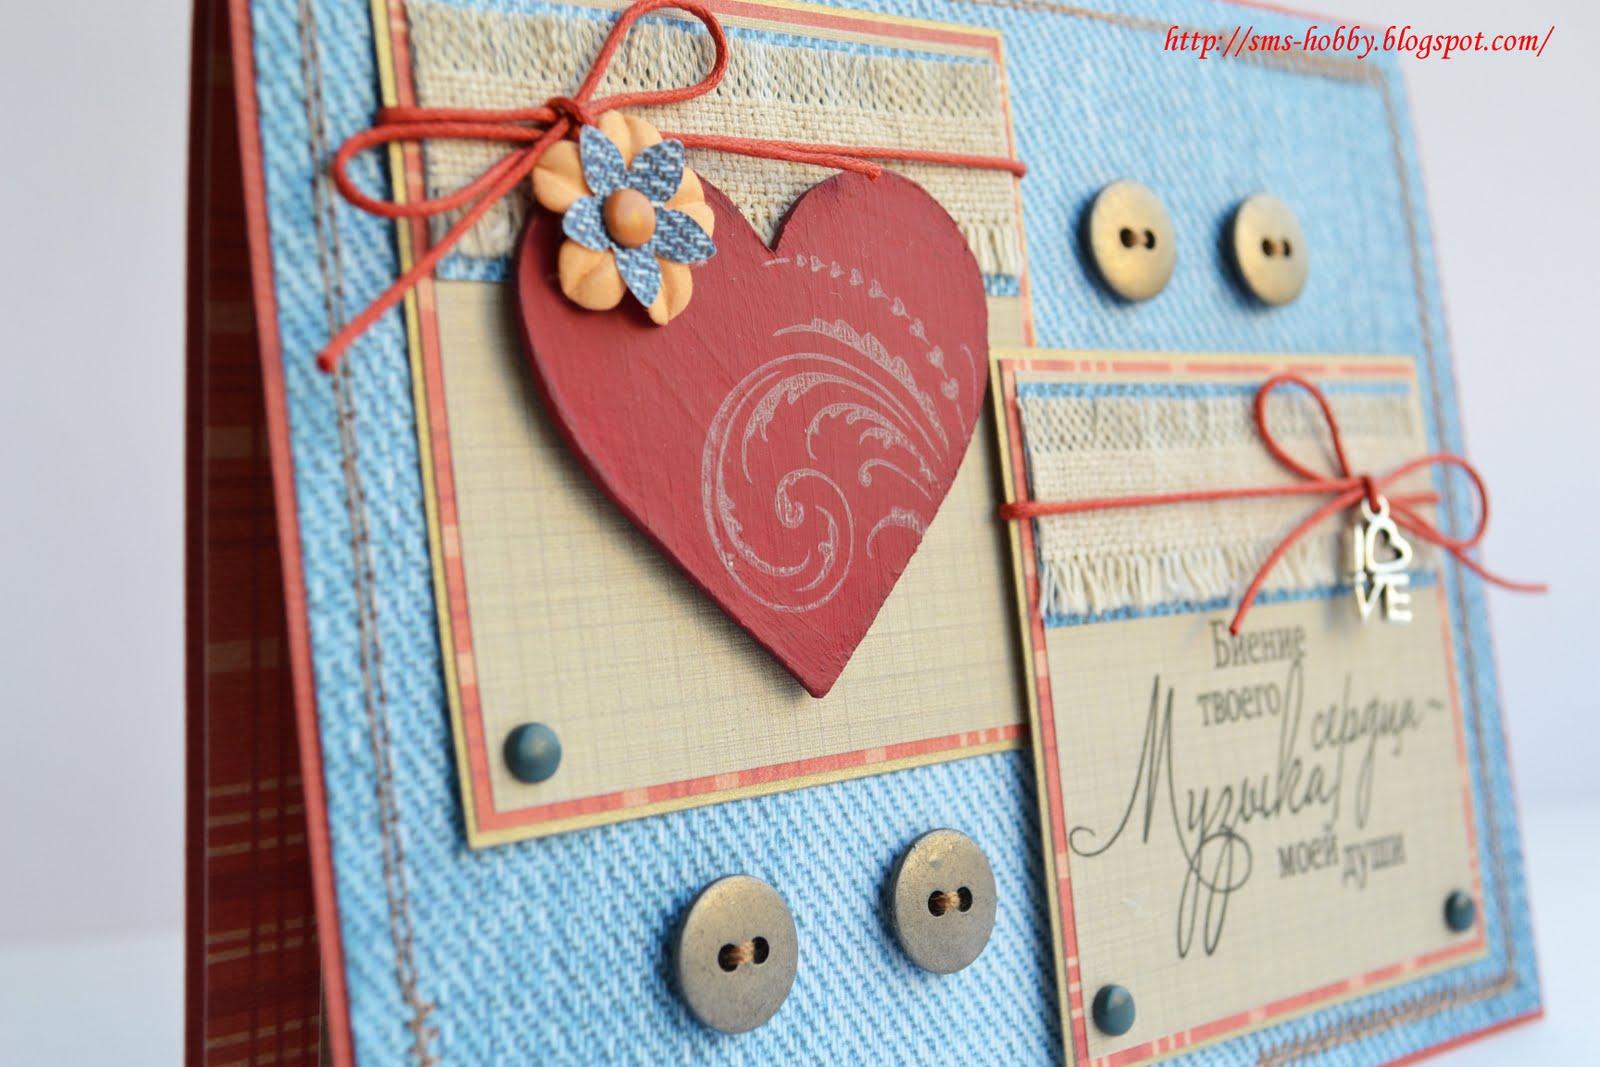 4 года свадьбы что подарить мужу своими руками